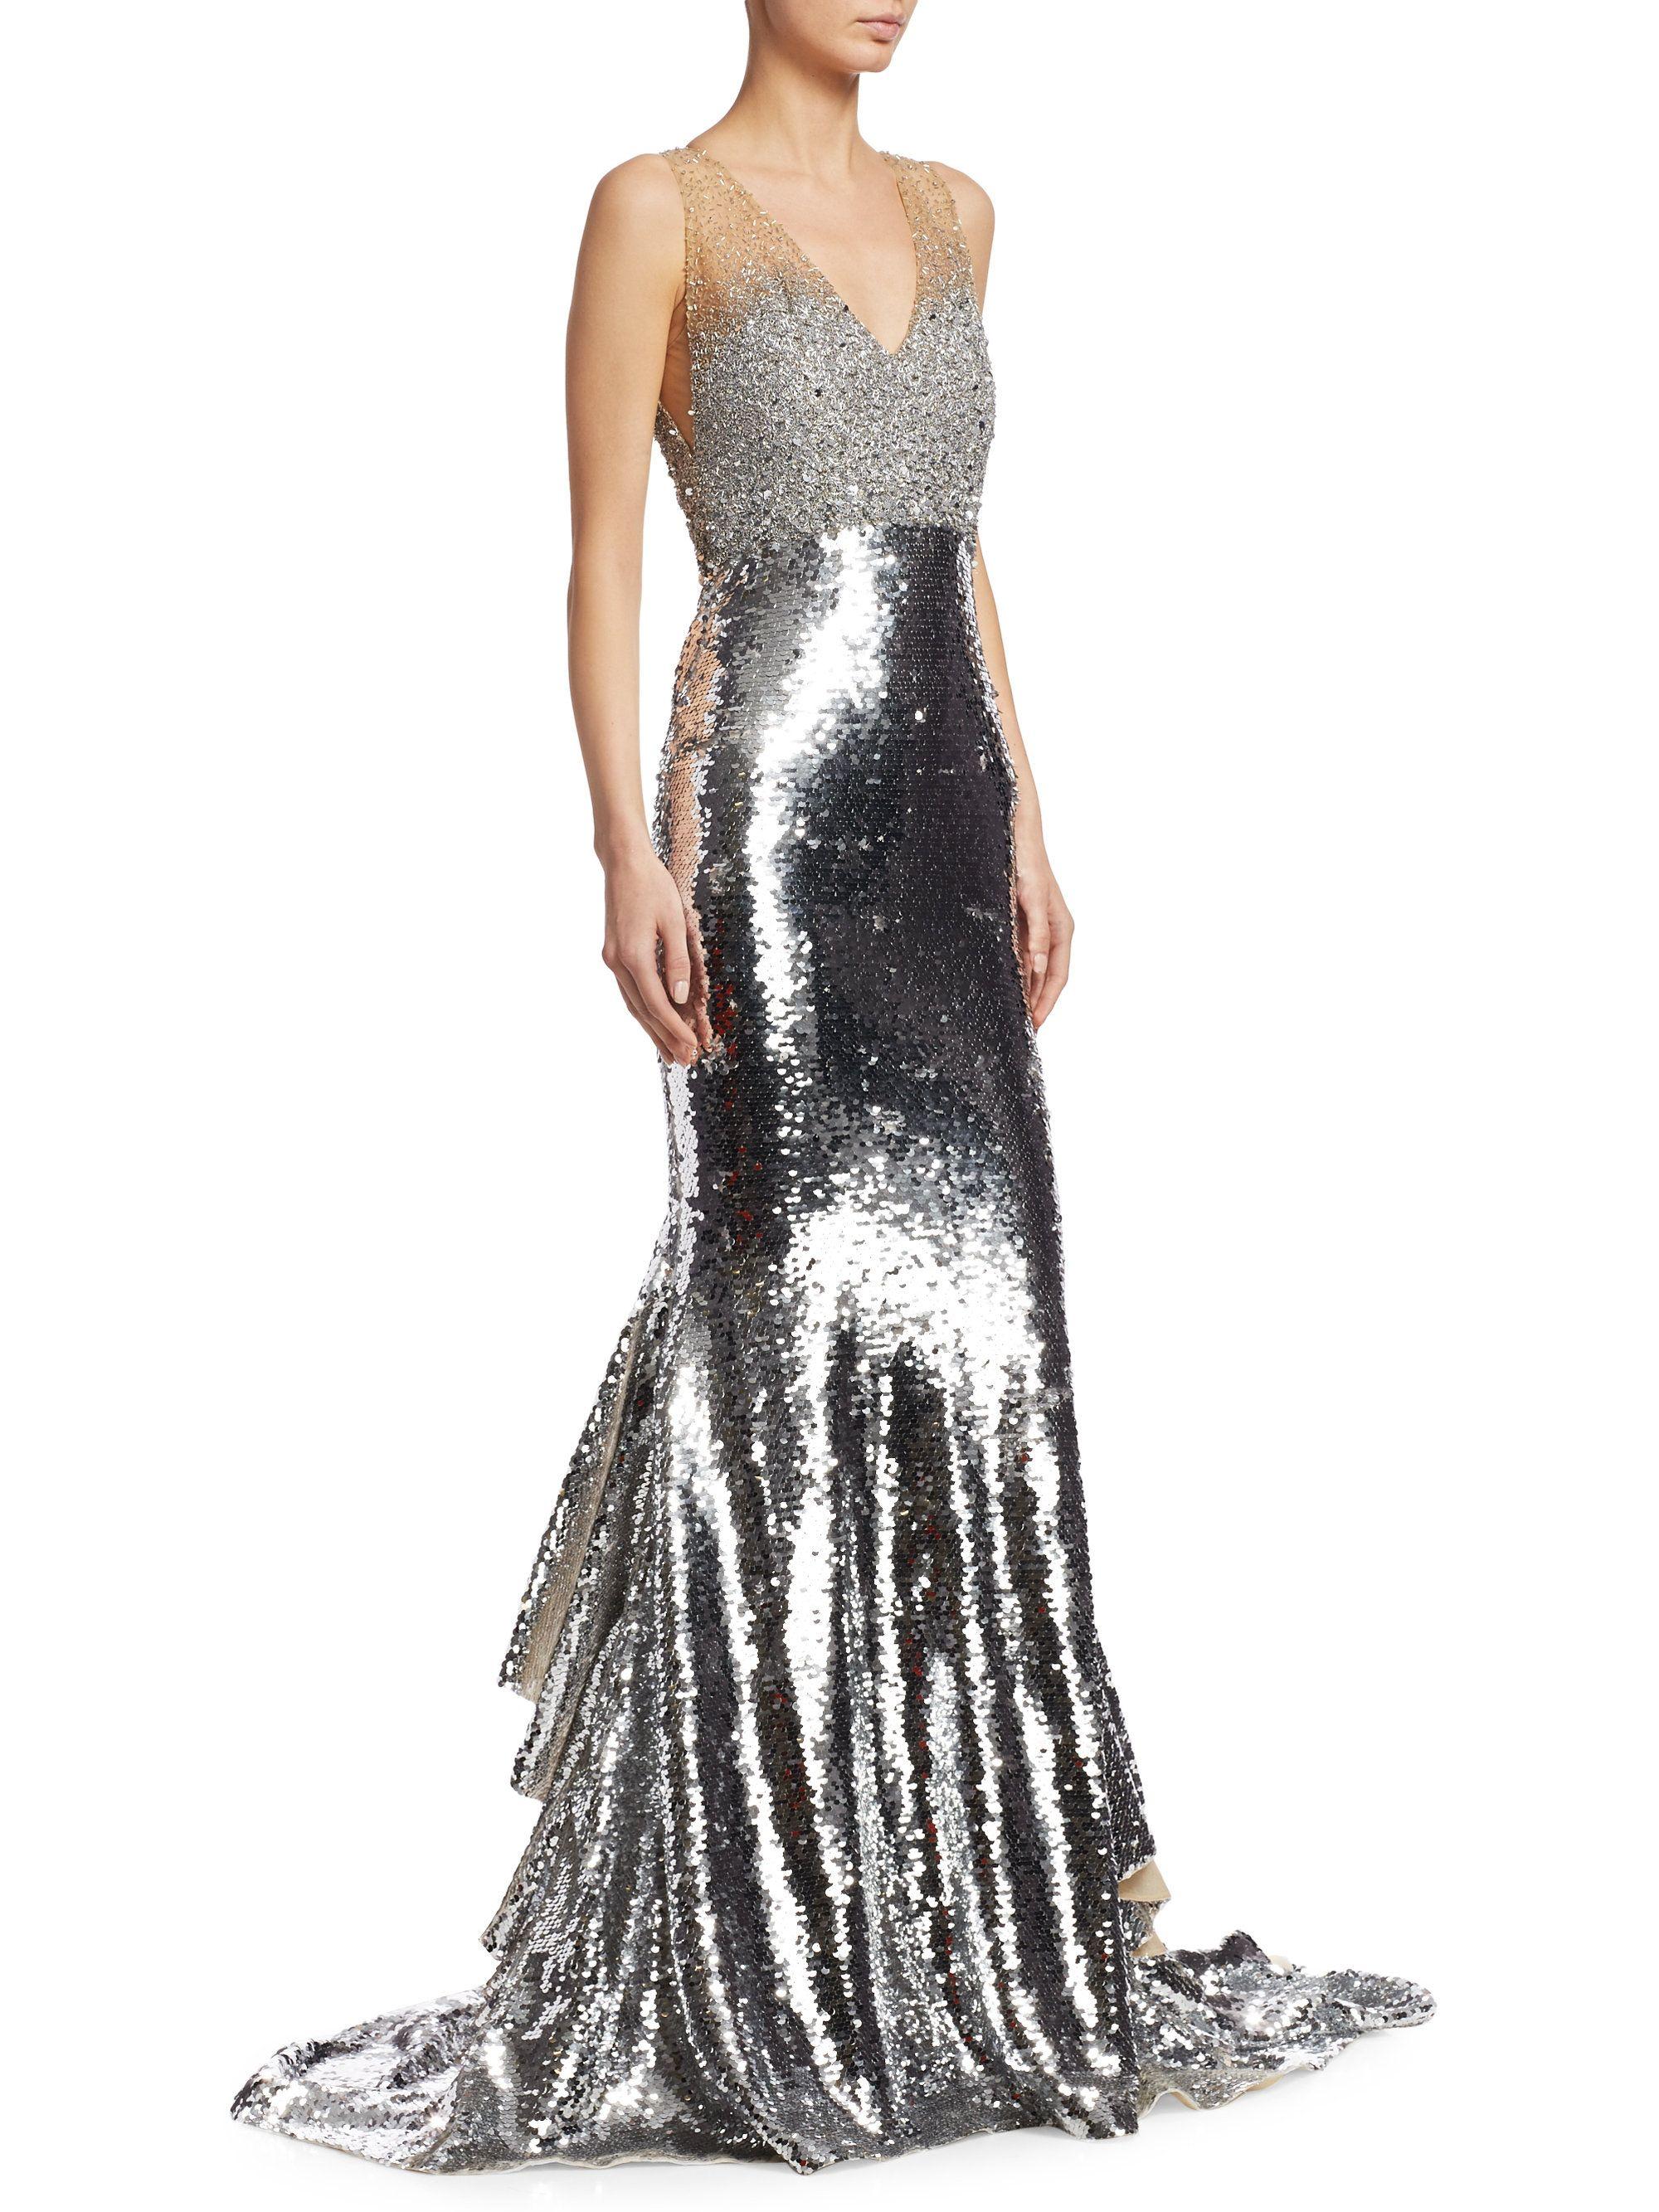 stores.saks.com/heleno | dresses | Pinterest | Shopping